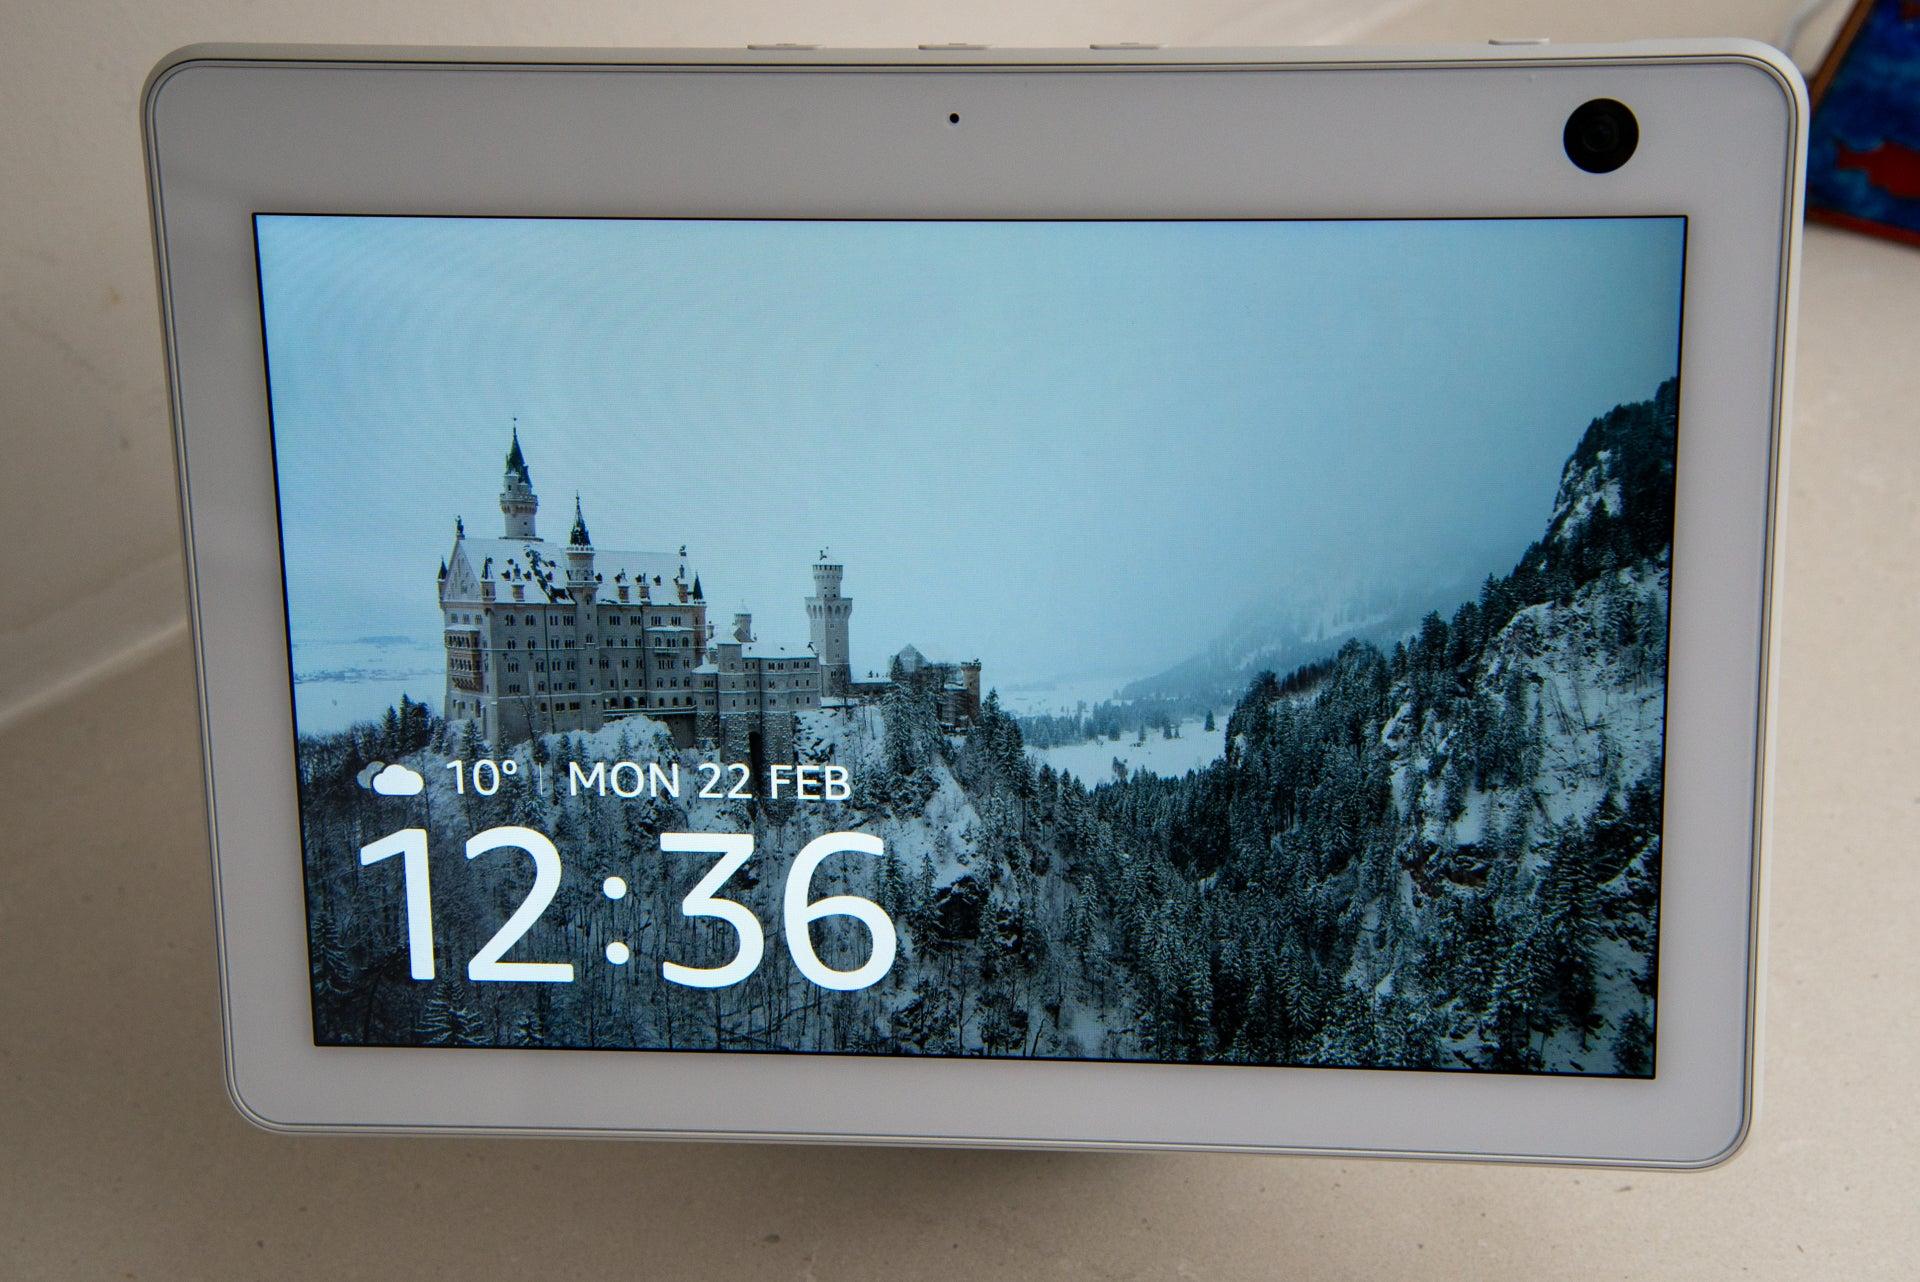 Amazon Echo Show 10 (3rd Generation) home screen